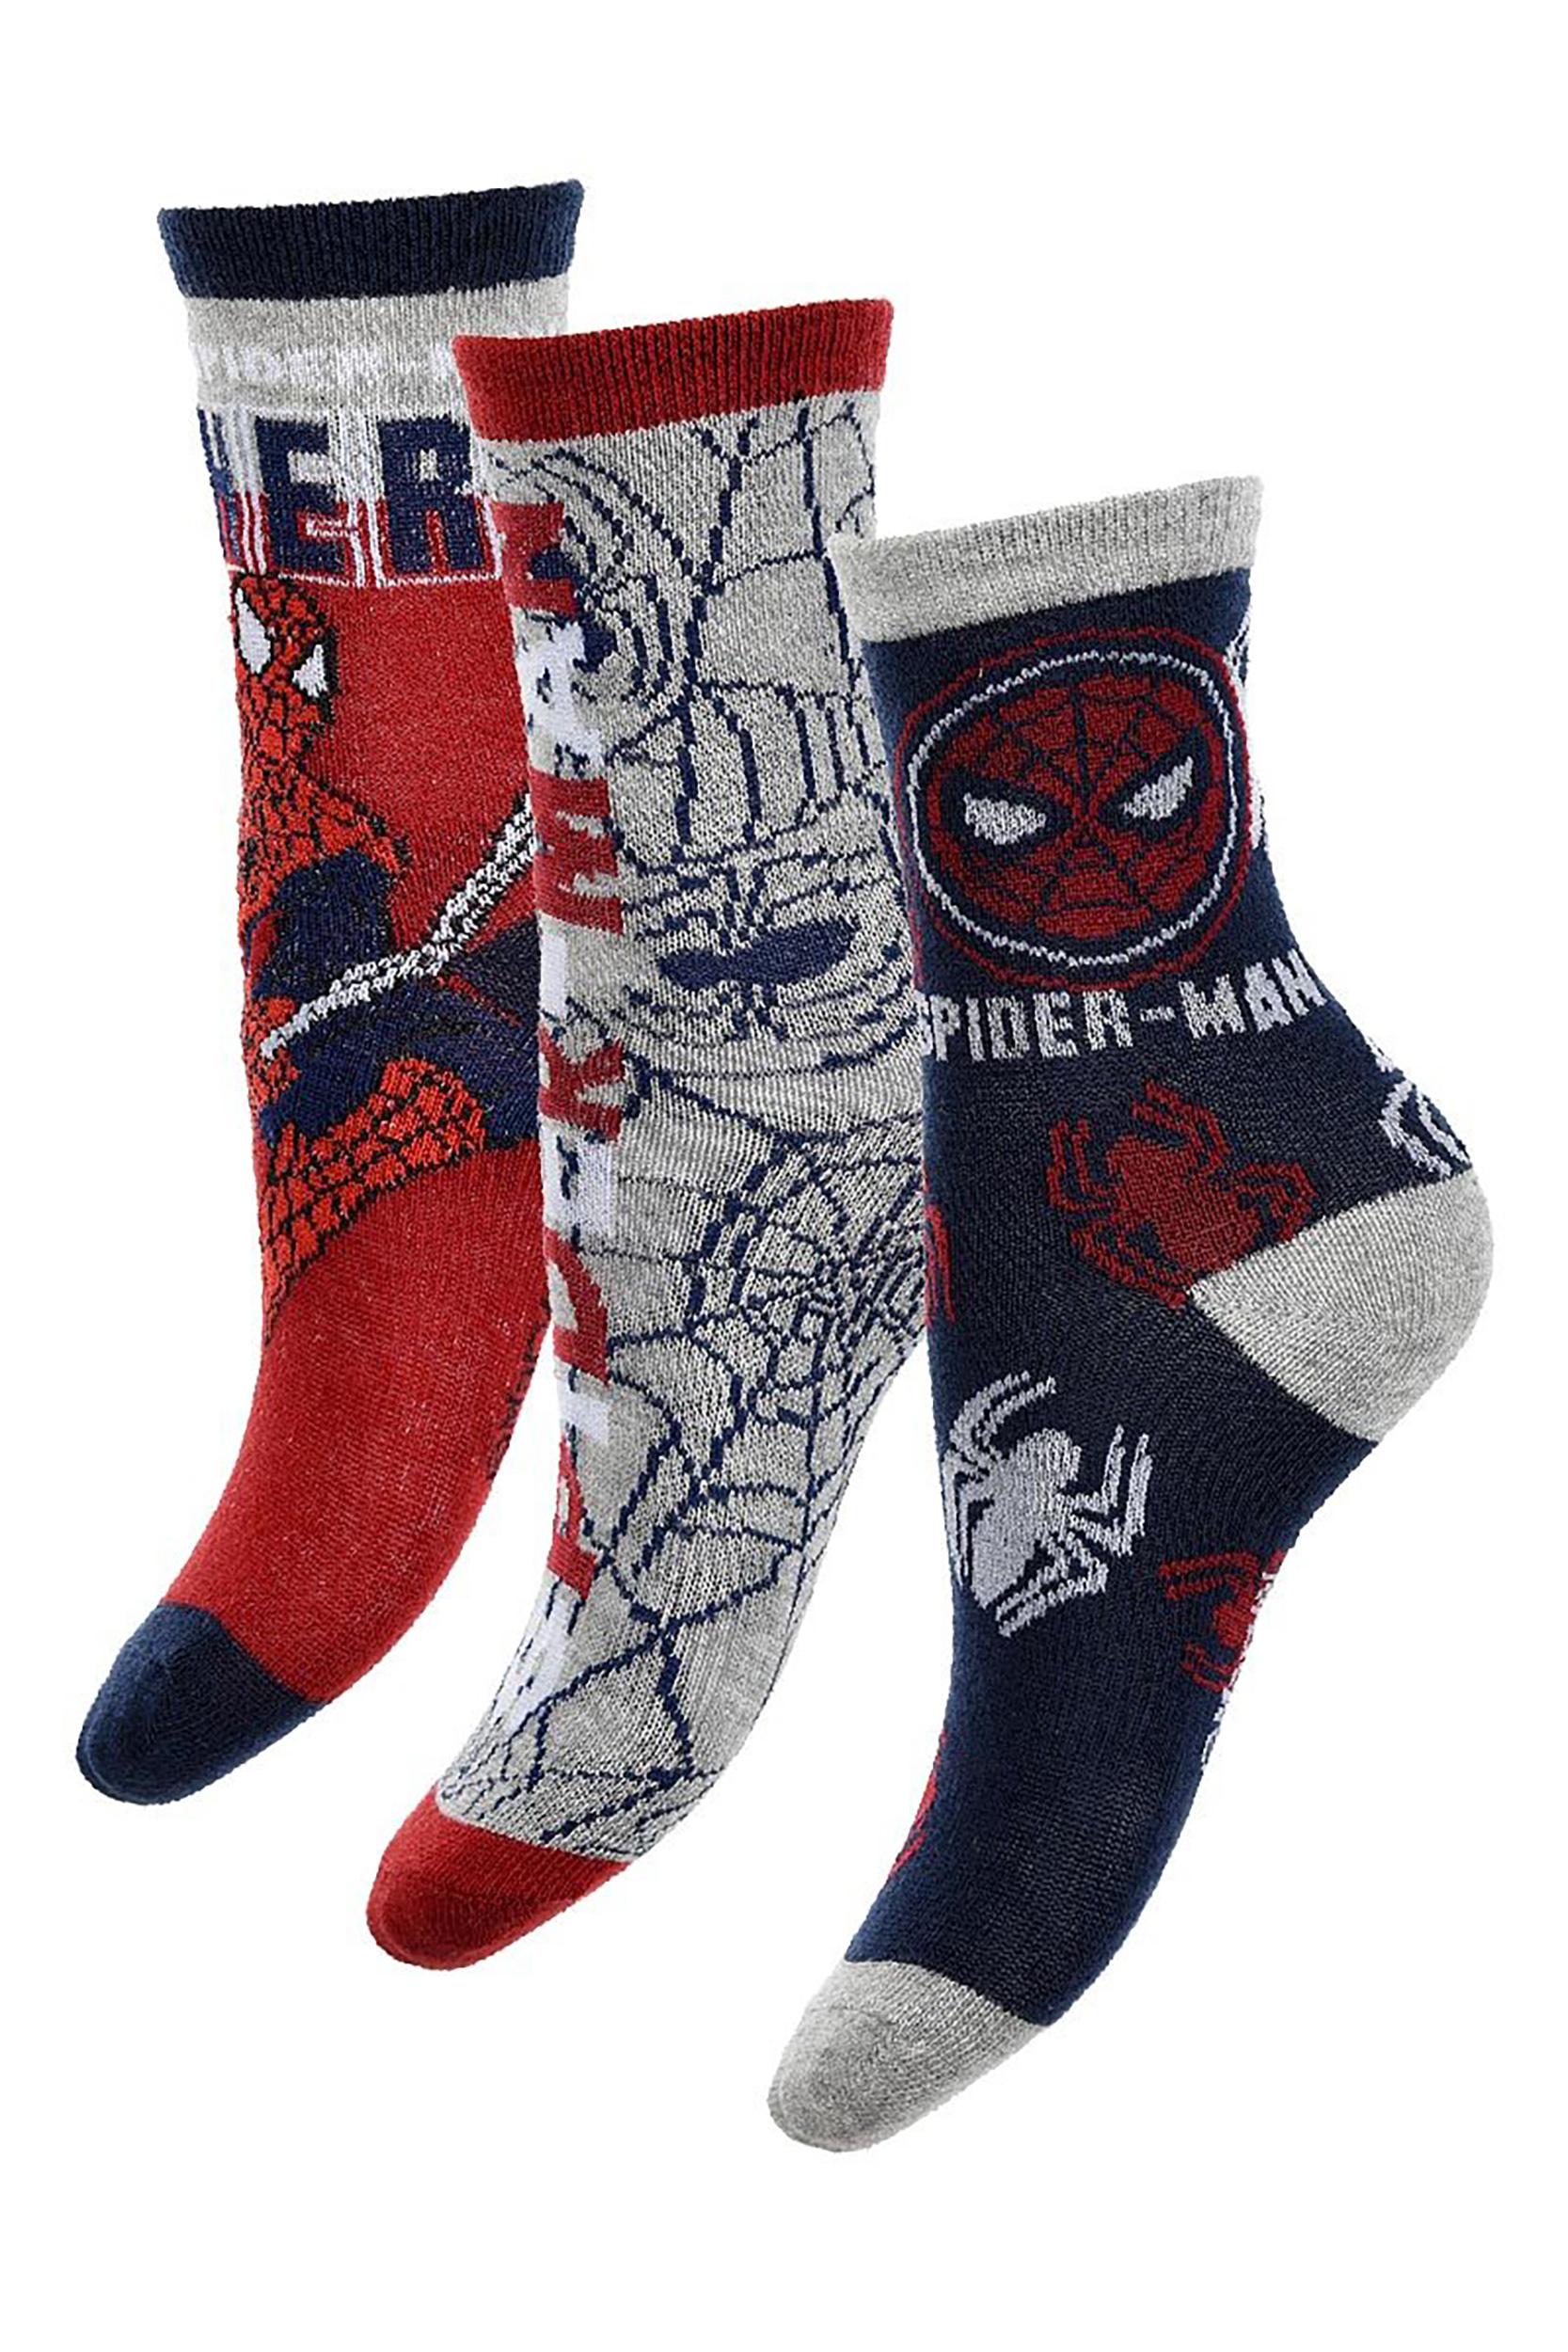 N. 6 Calzini Spiderman Bambino